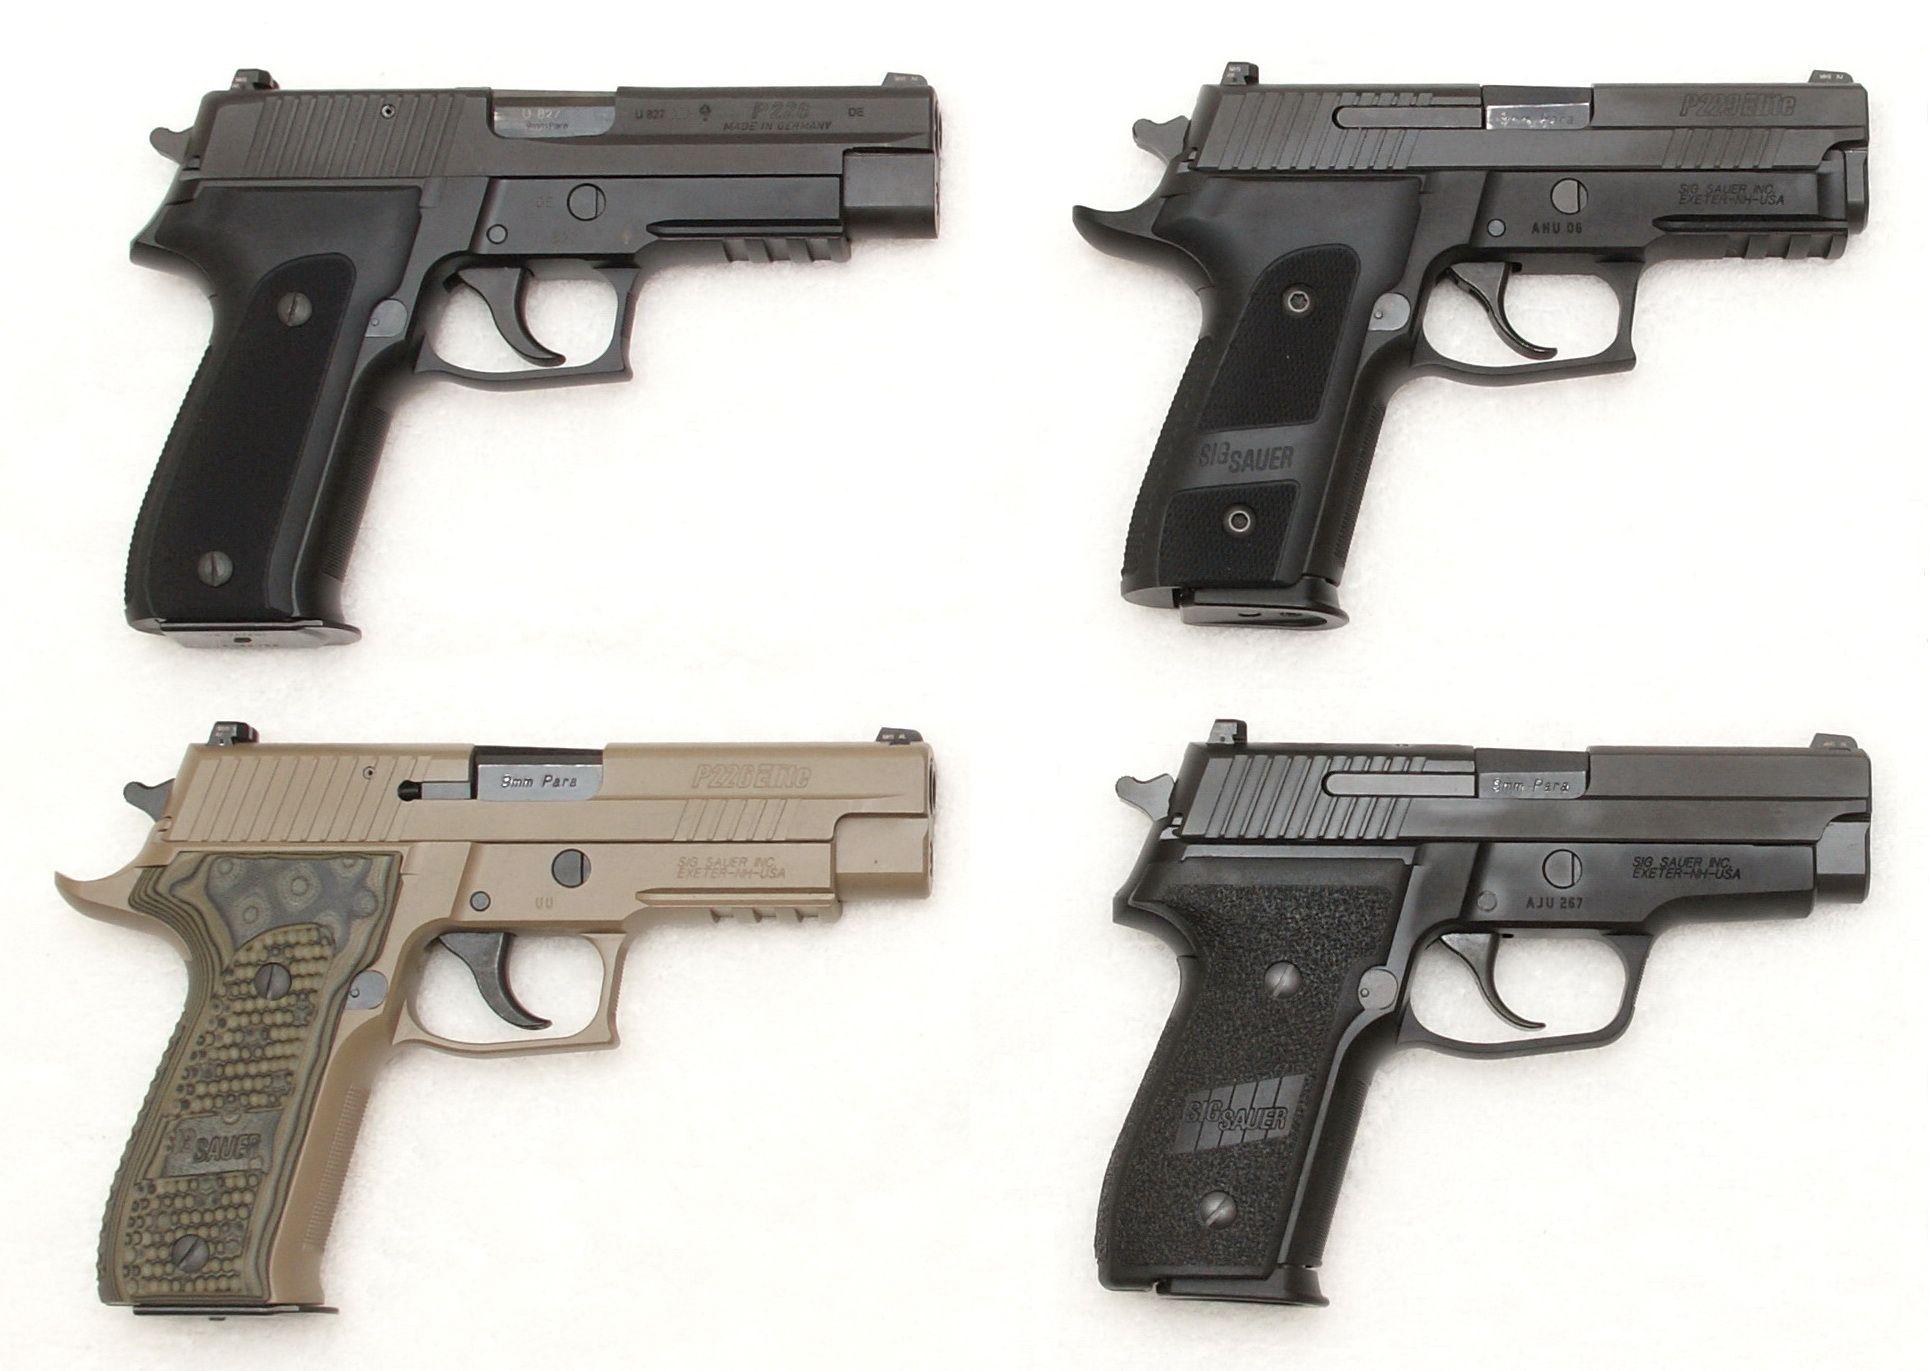 Double pistol handgun revolver gun display case cabinet rack shadowbox - 175 Best Guns Images On Pinterest Handgun Tactical Gear And Firearms